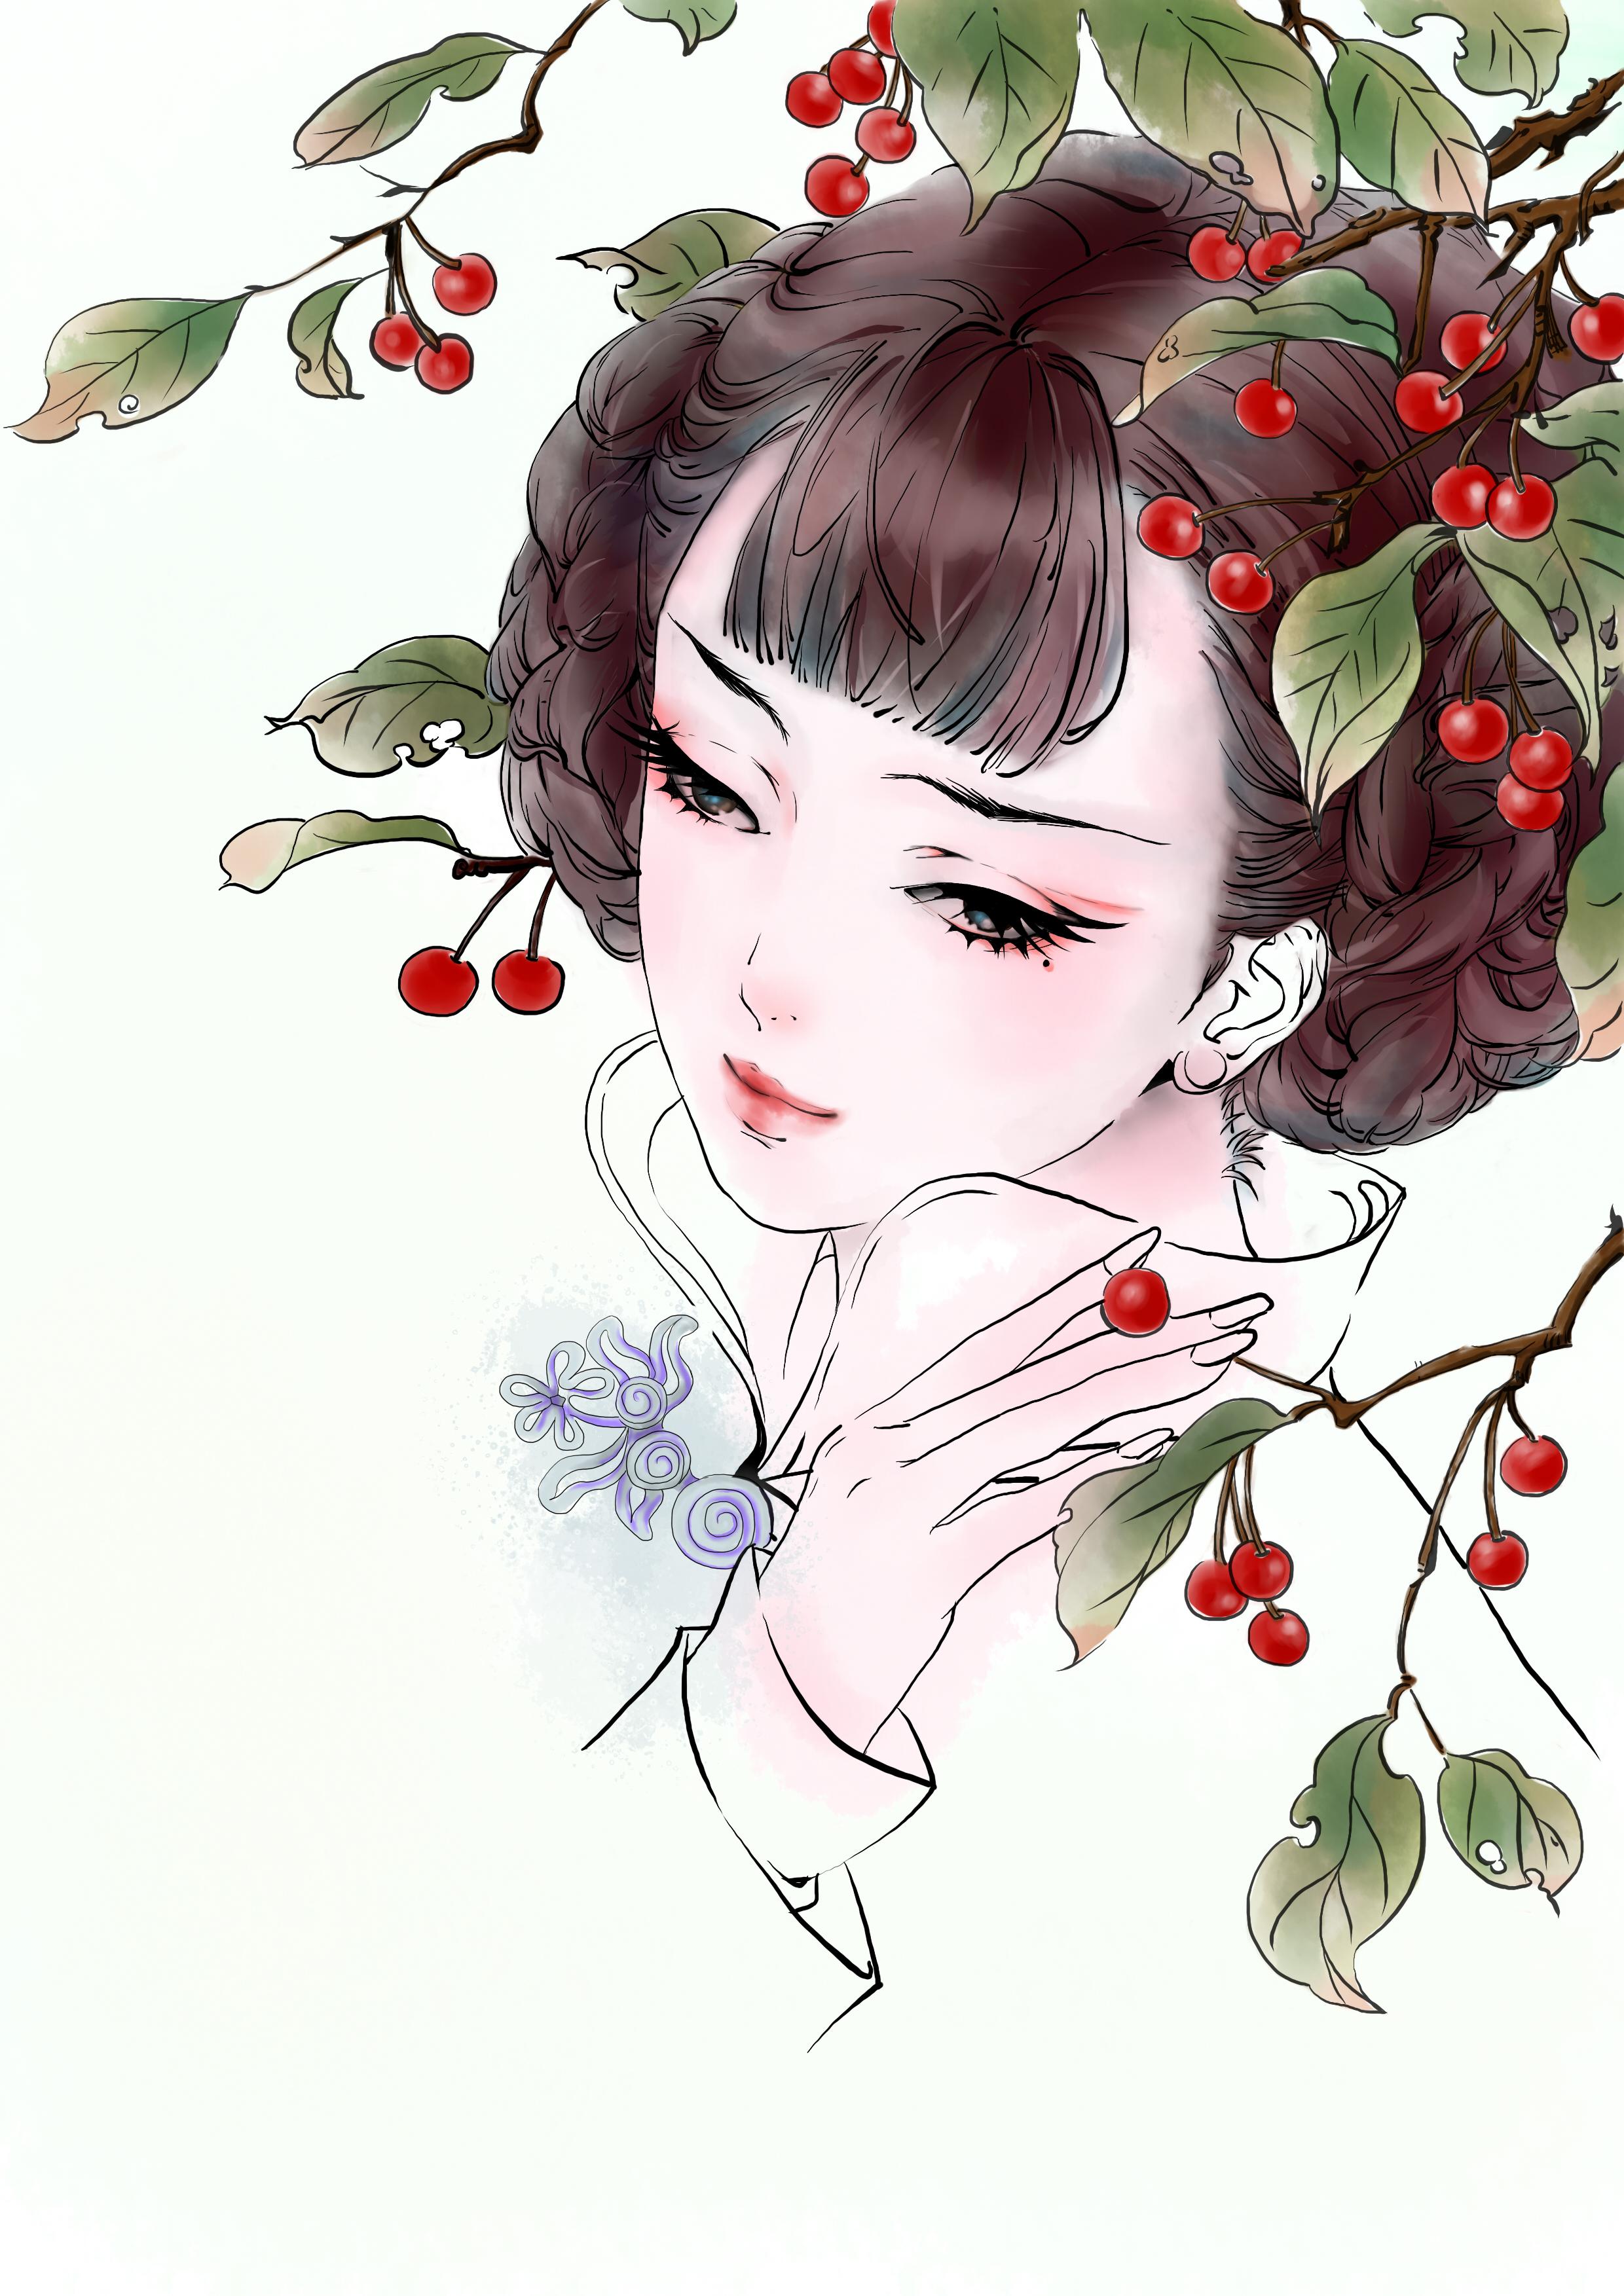 简单手绘紫衣美人